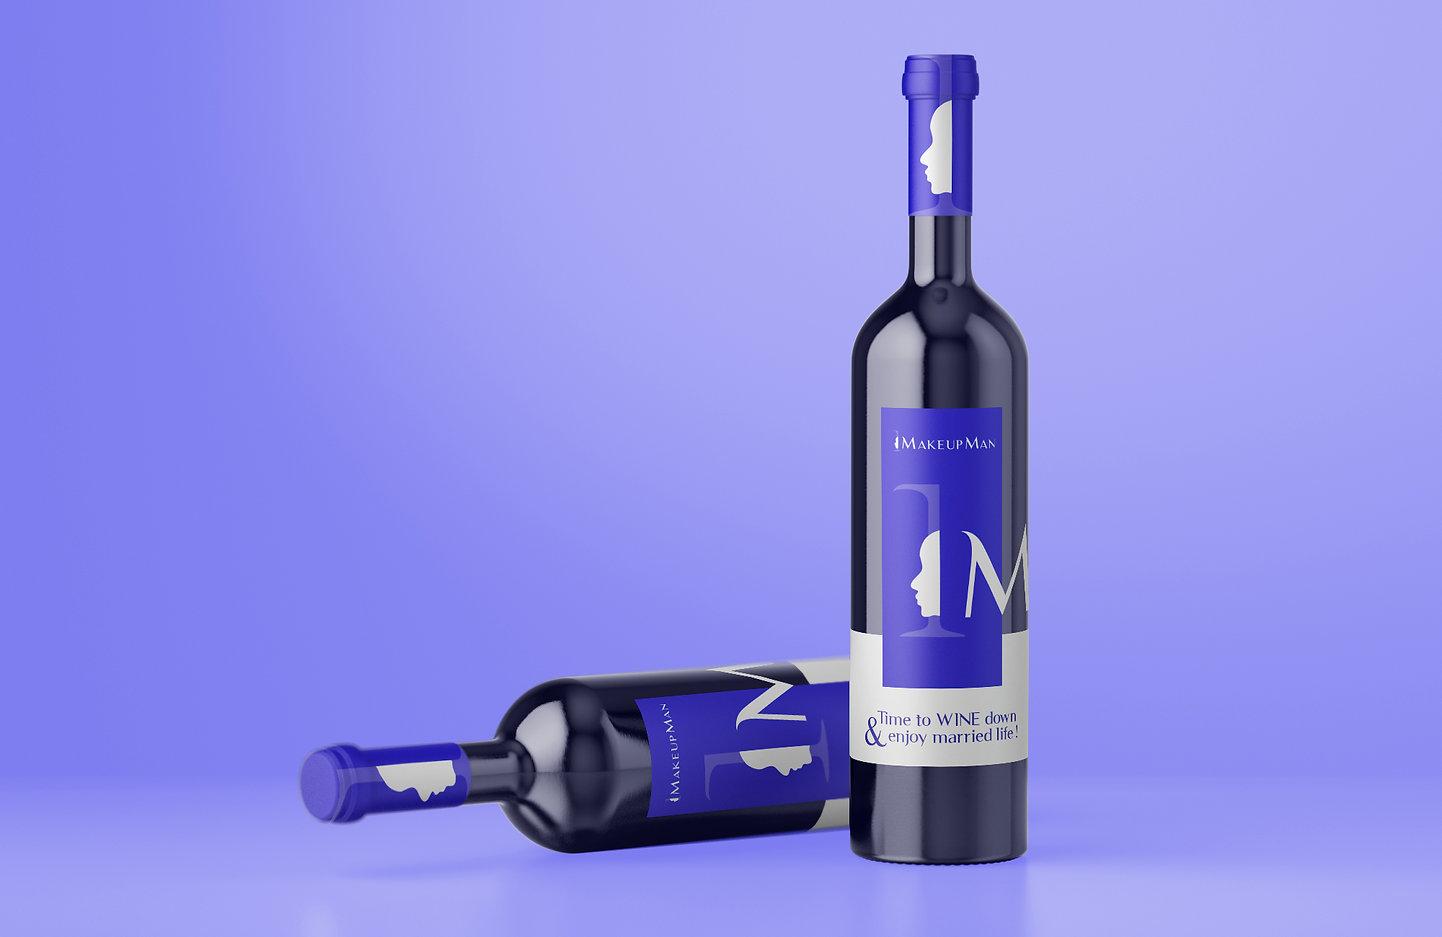 1makeupman_wine.jpg